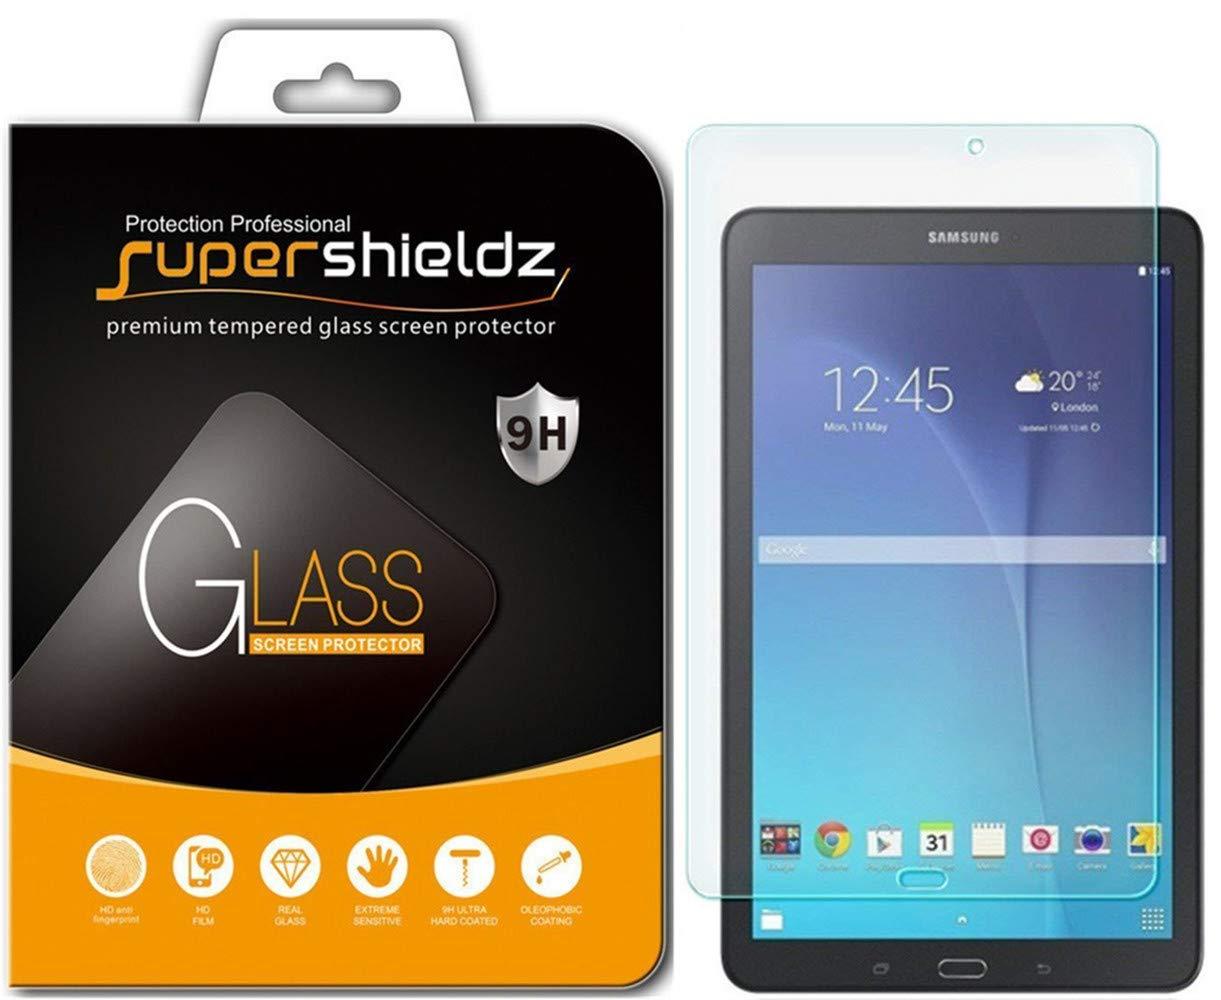 Vidrio Templado para Samsung Galaxy Tab E Nook 9.6 pulg